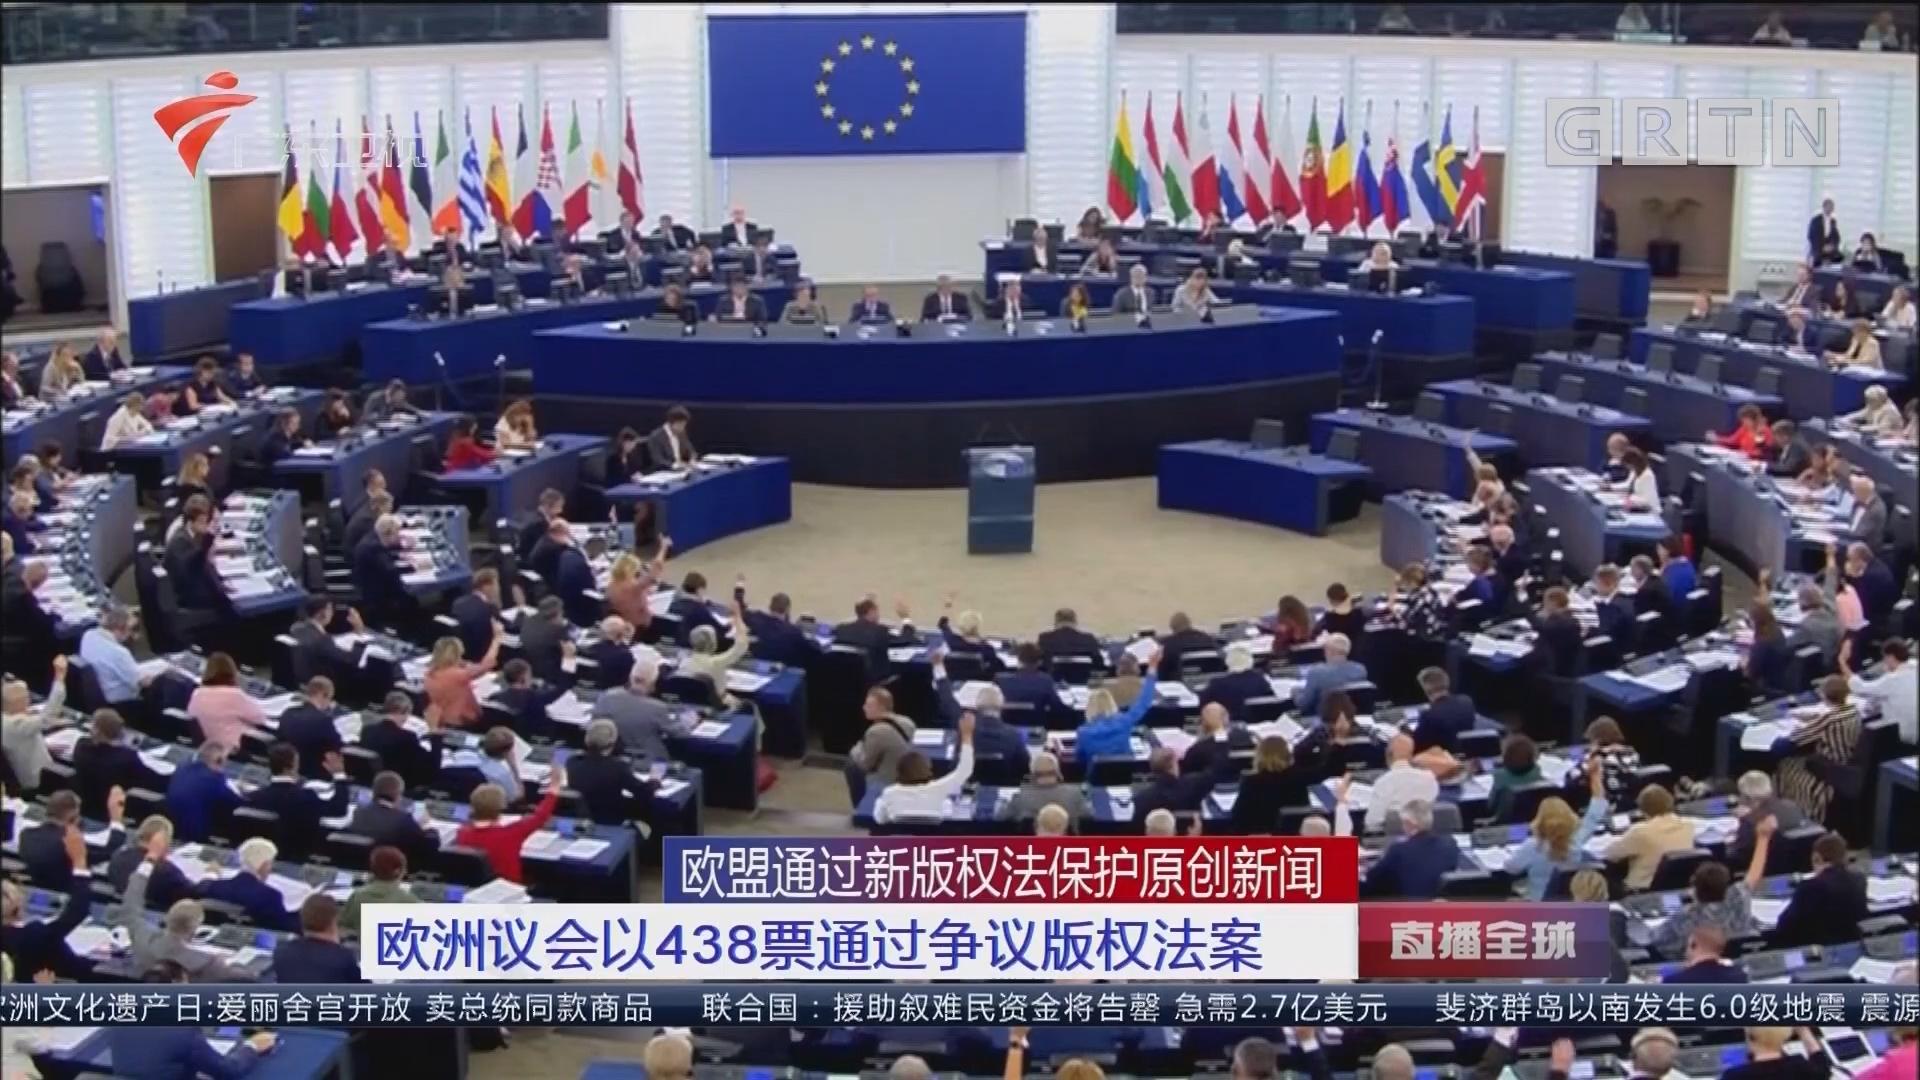 欧盟通过新版权法保护原创新闻:欧洲议会以438票通过争议版权法案